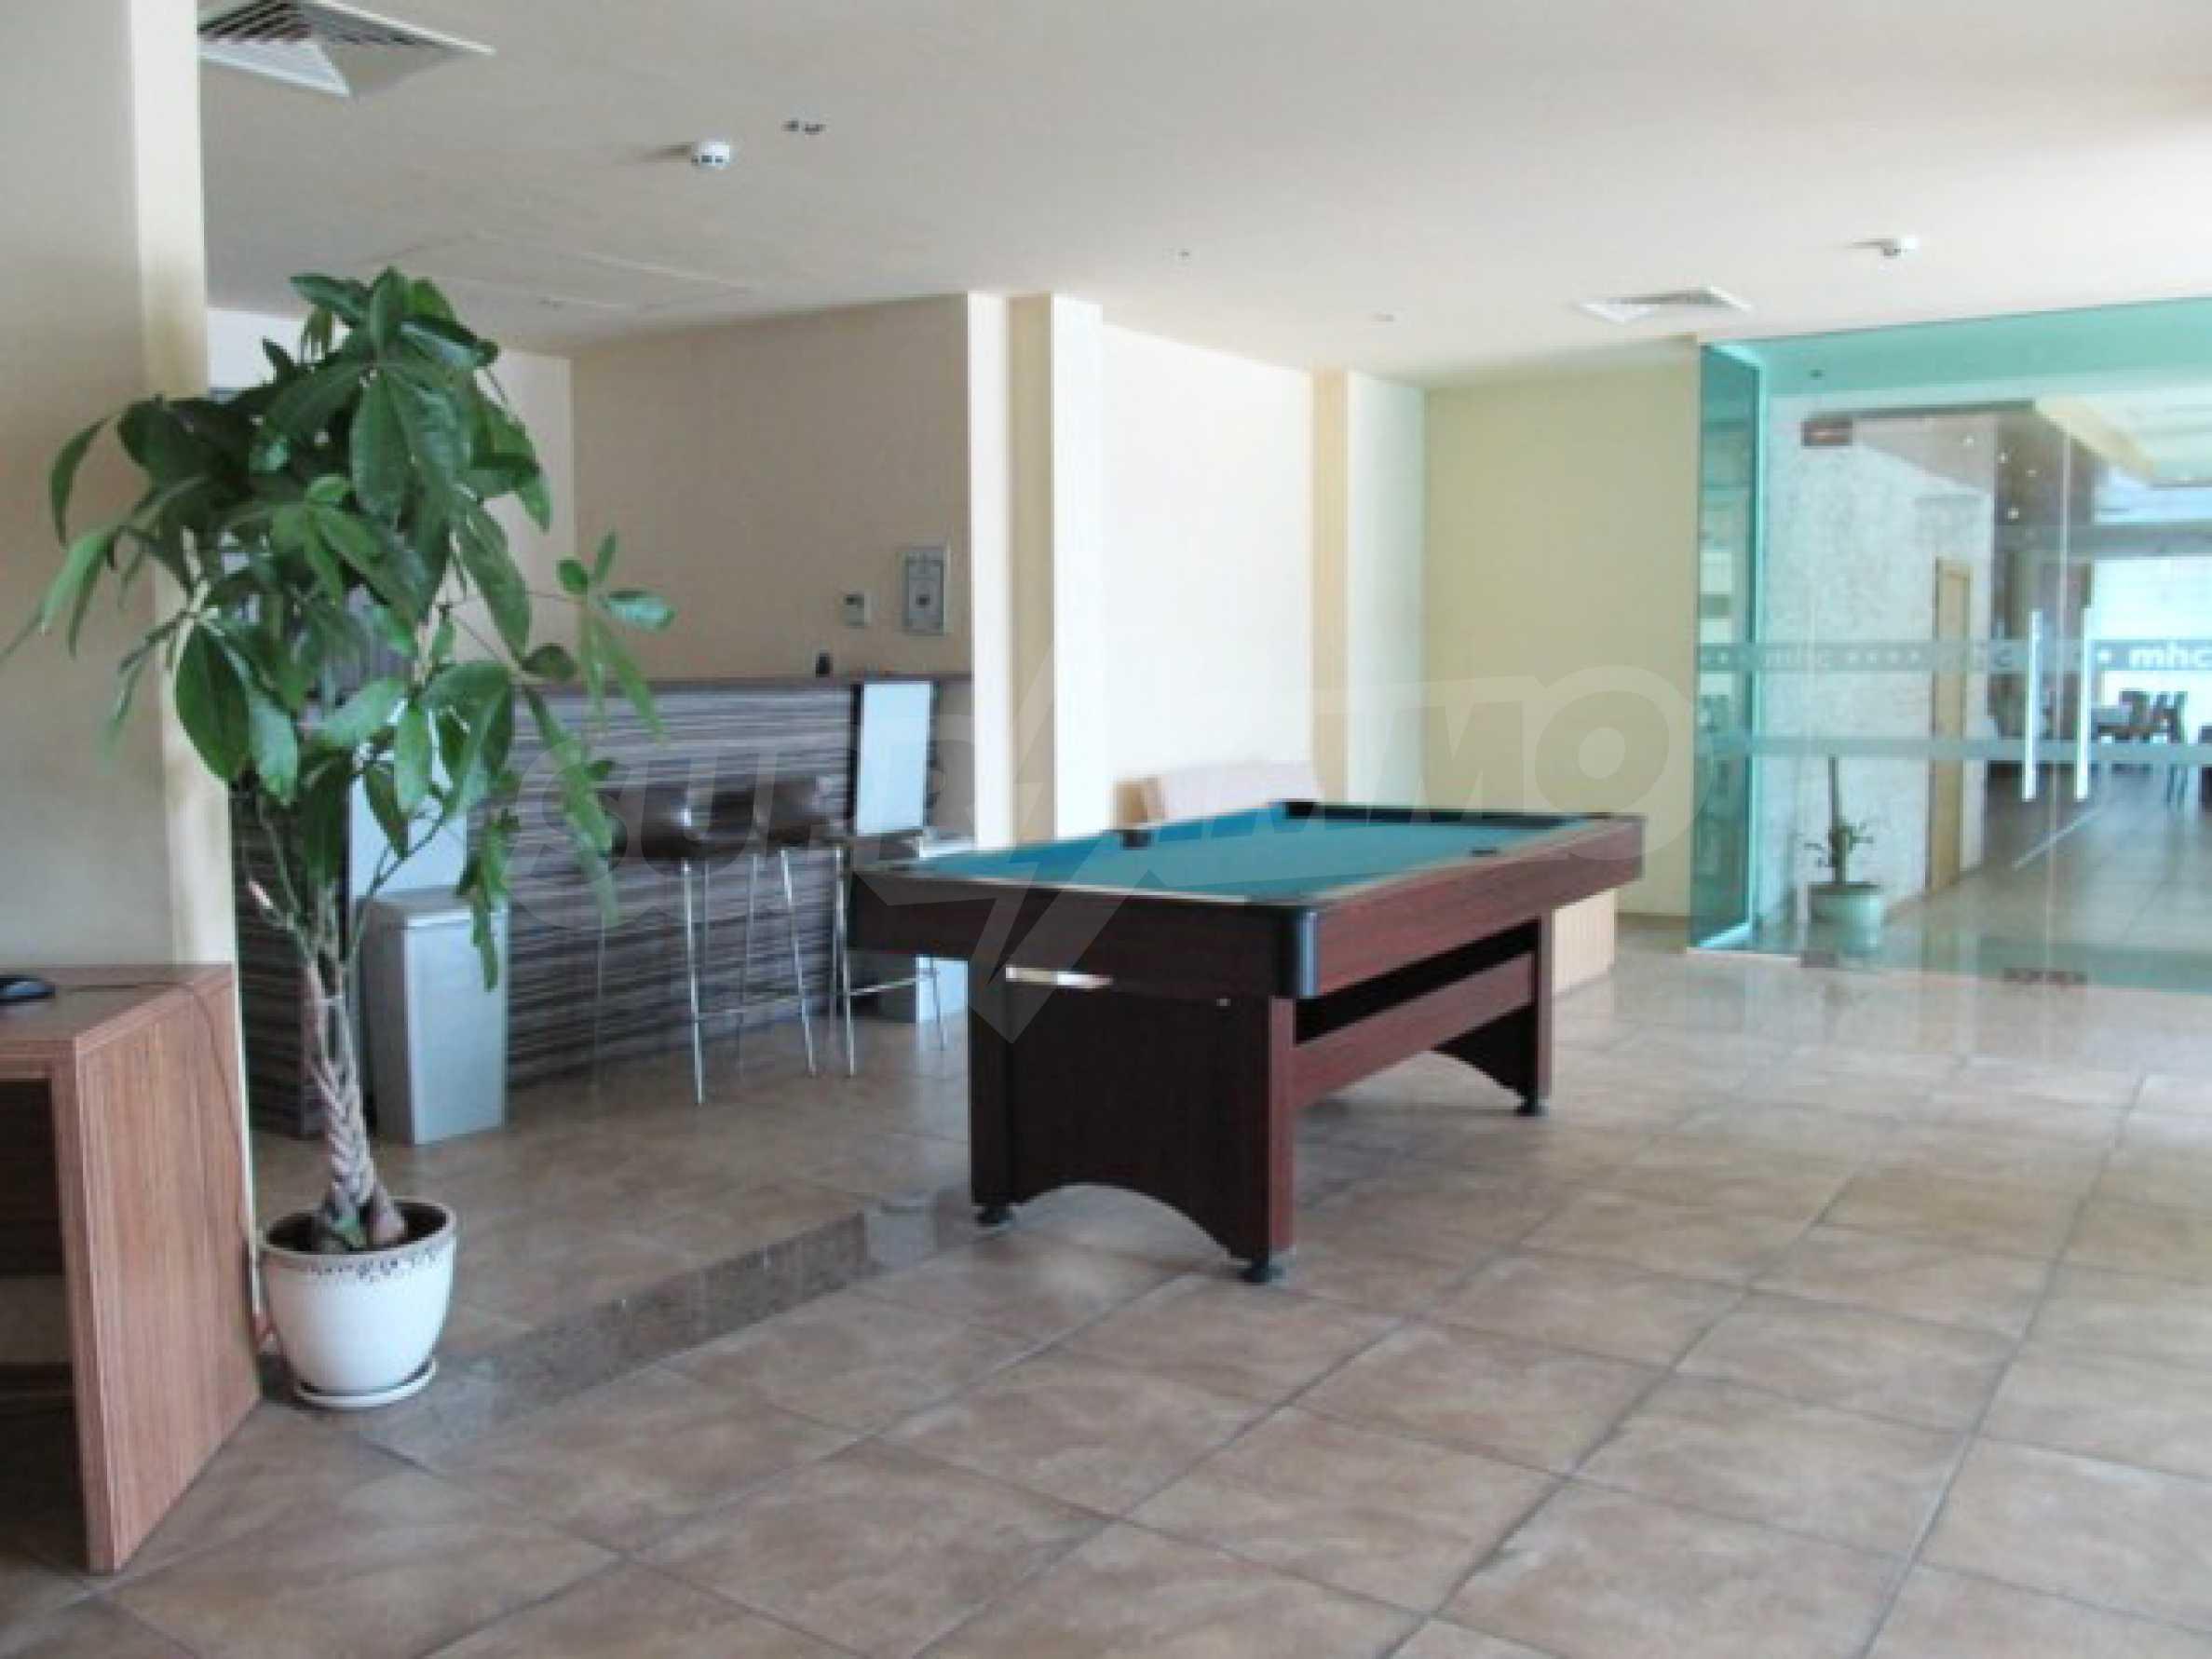 Zwei-Zimmer-Wohnung zum Verkauf in Pomorie 4